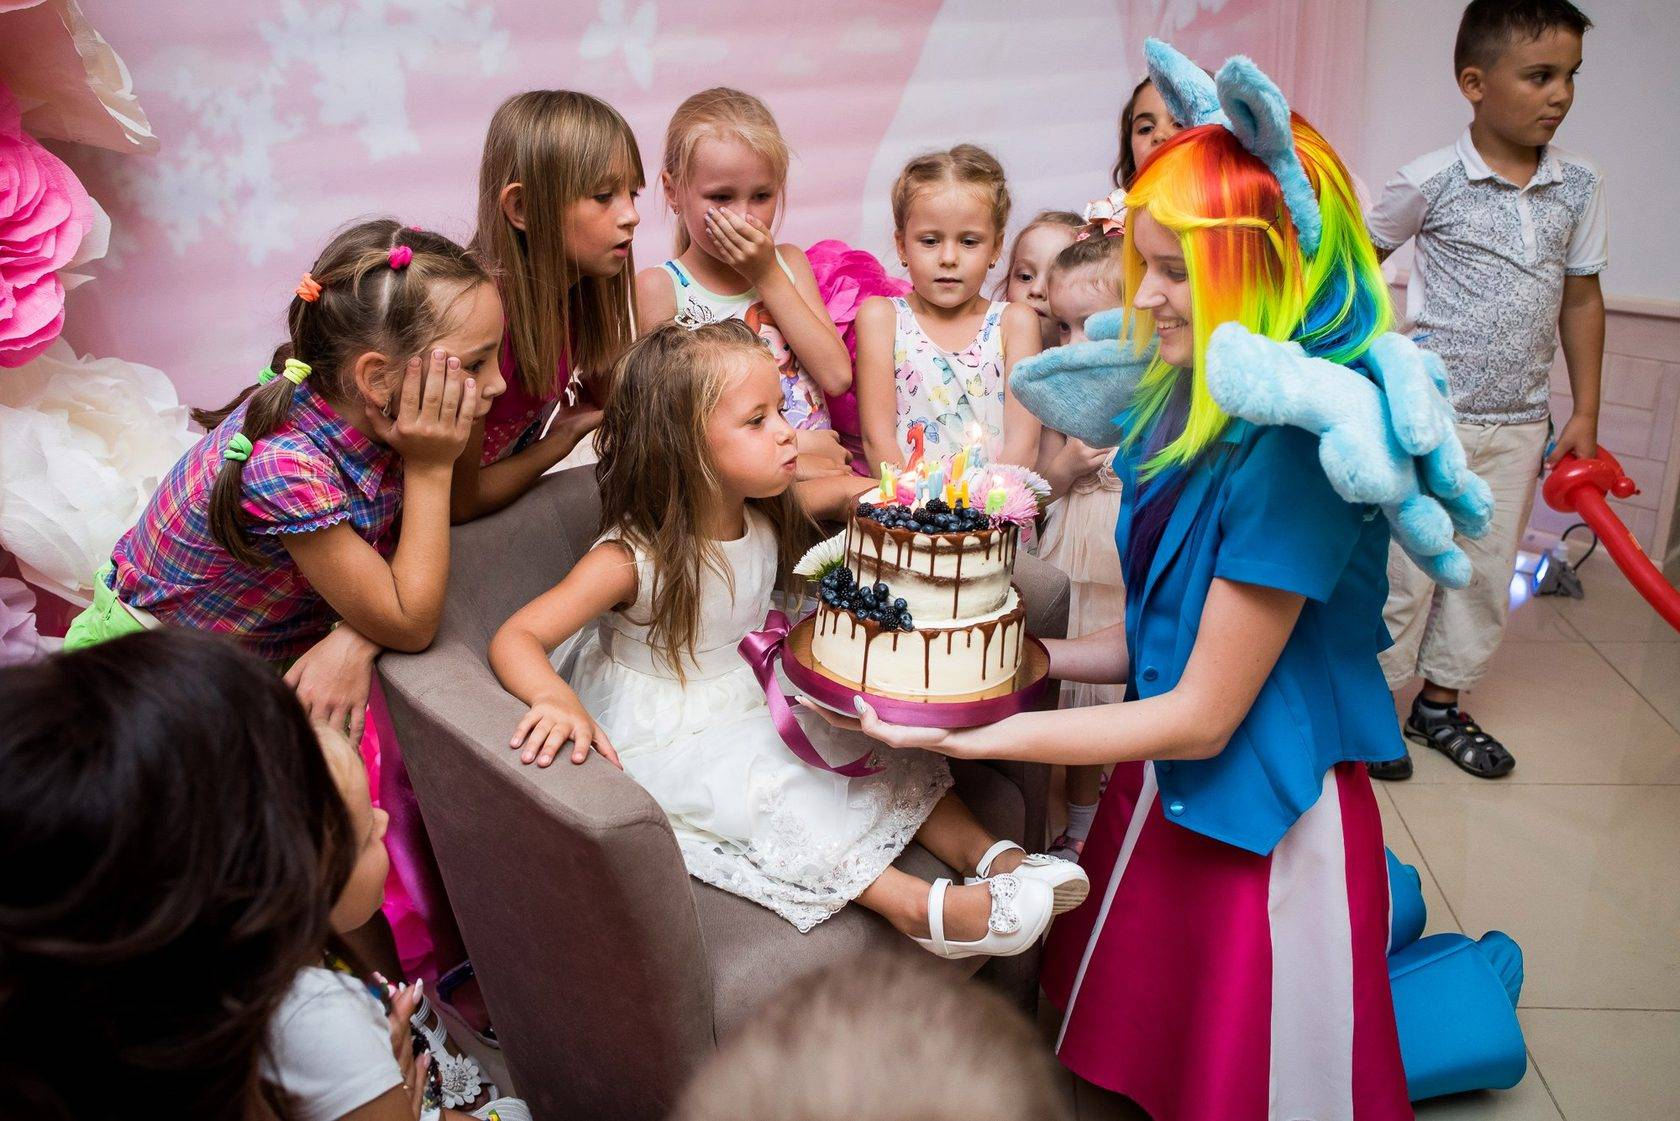 Сам себе аниматор: как провести день рождения дома весело?